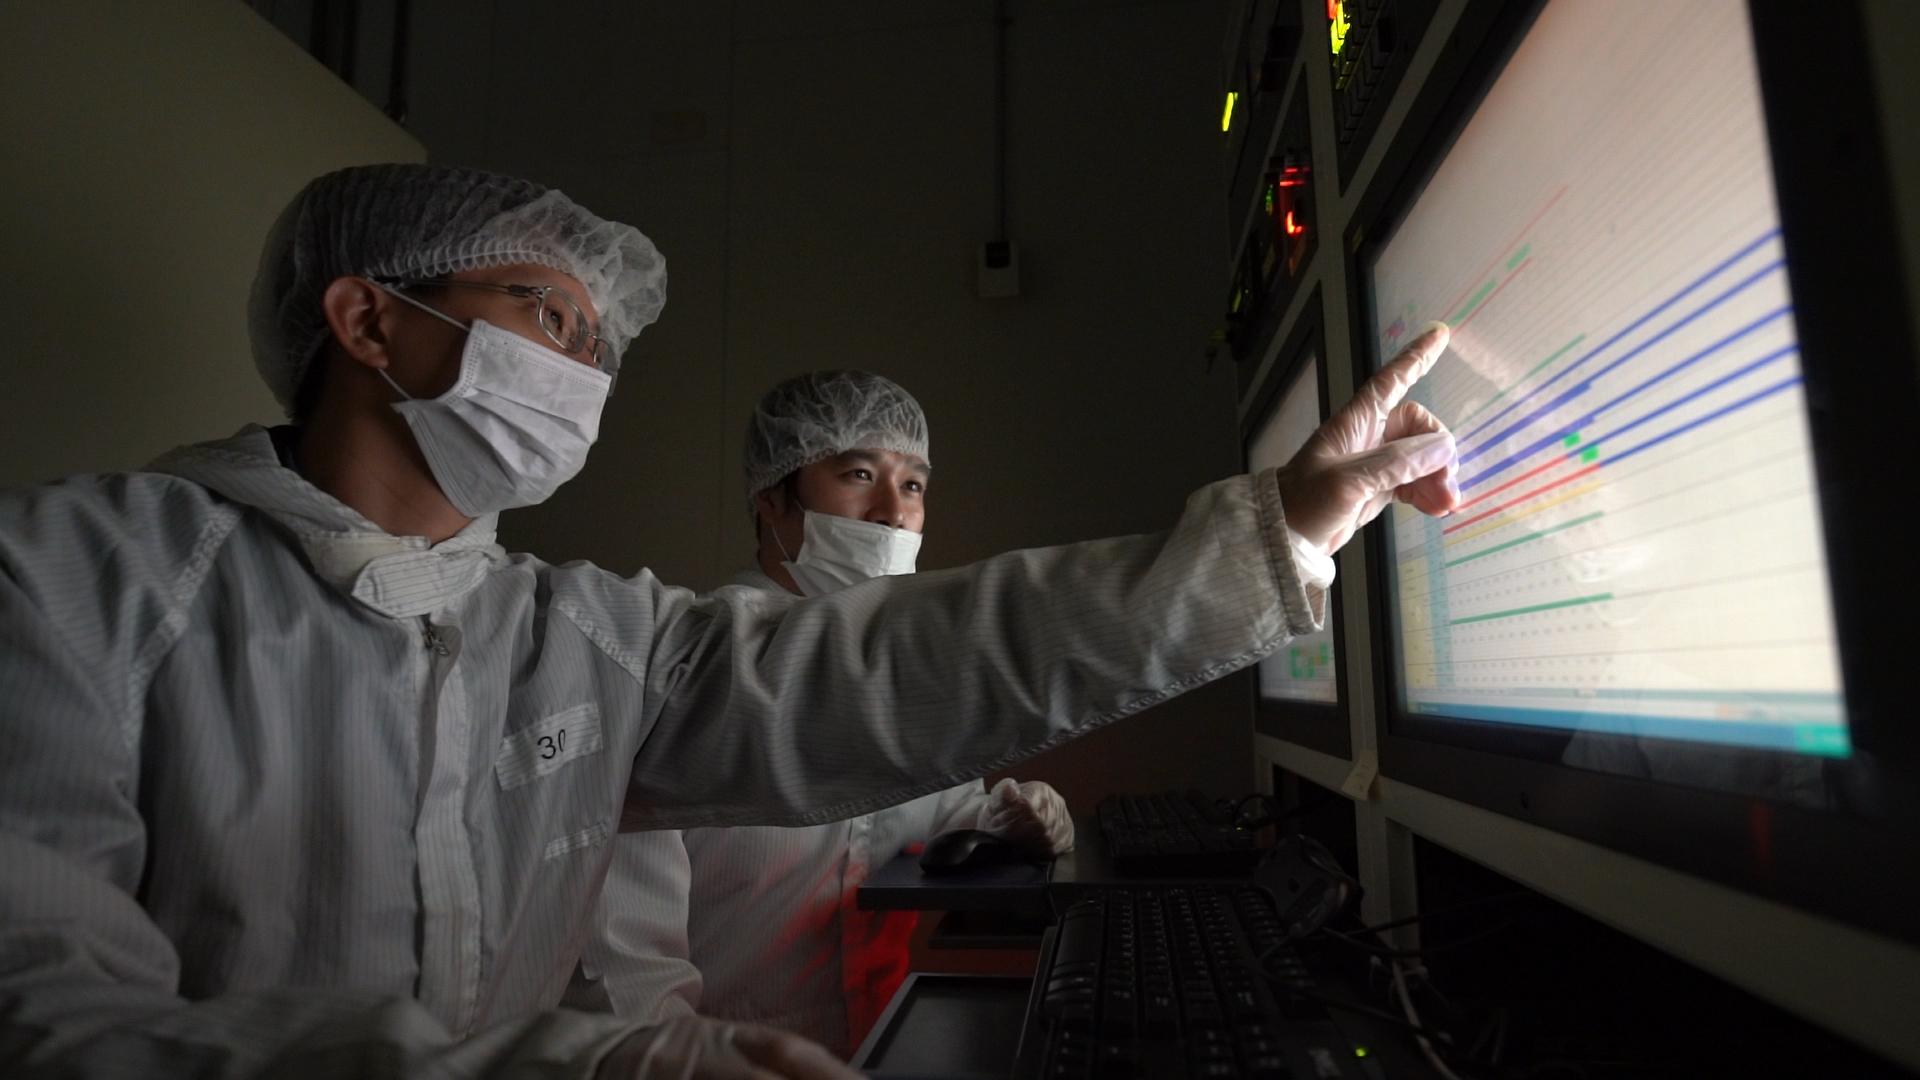 為生民爭光  對抗微生物的現代普羅米修斯